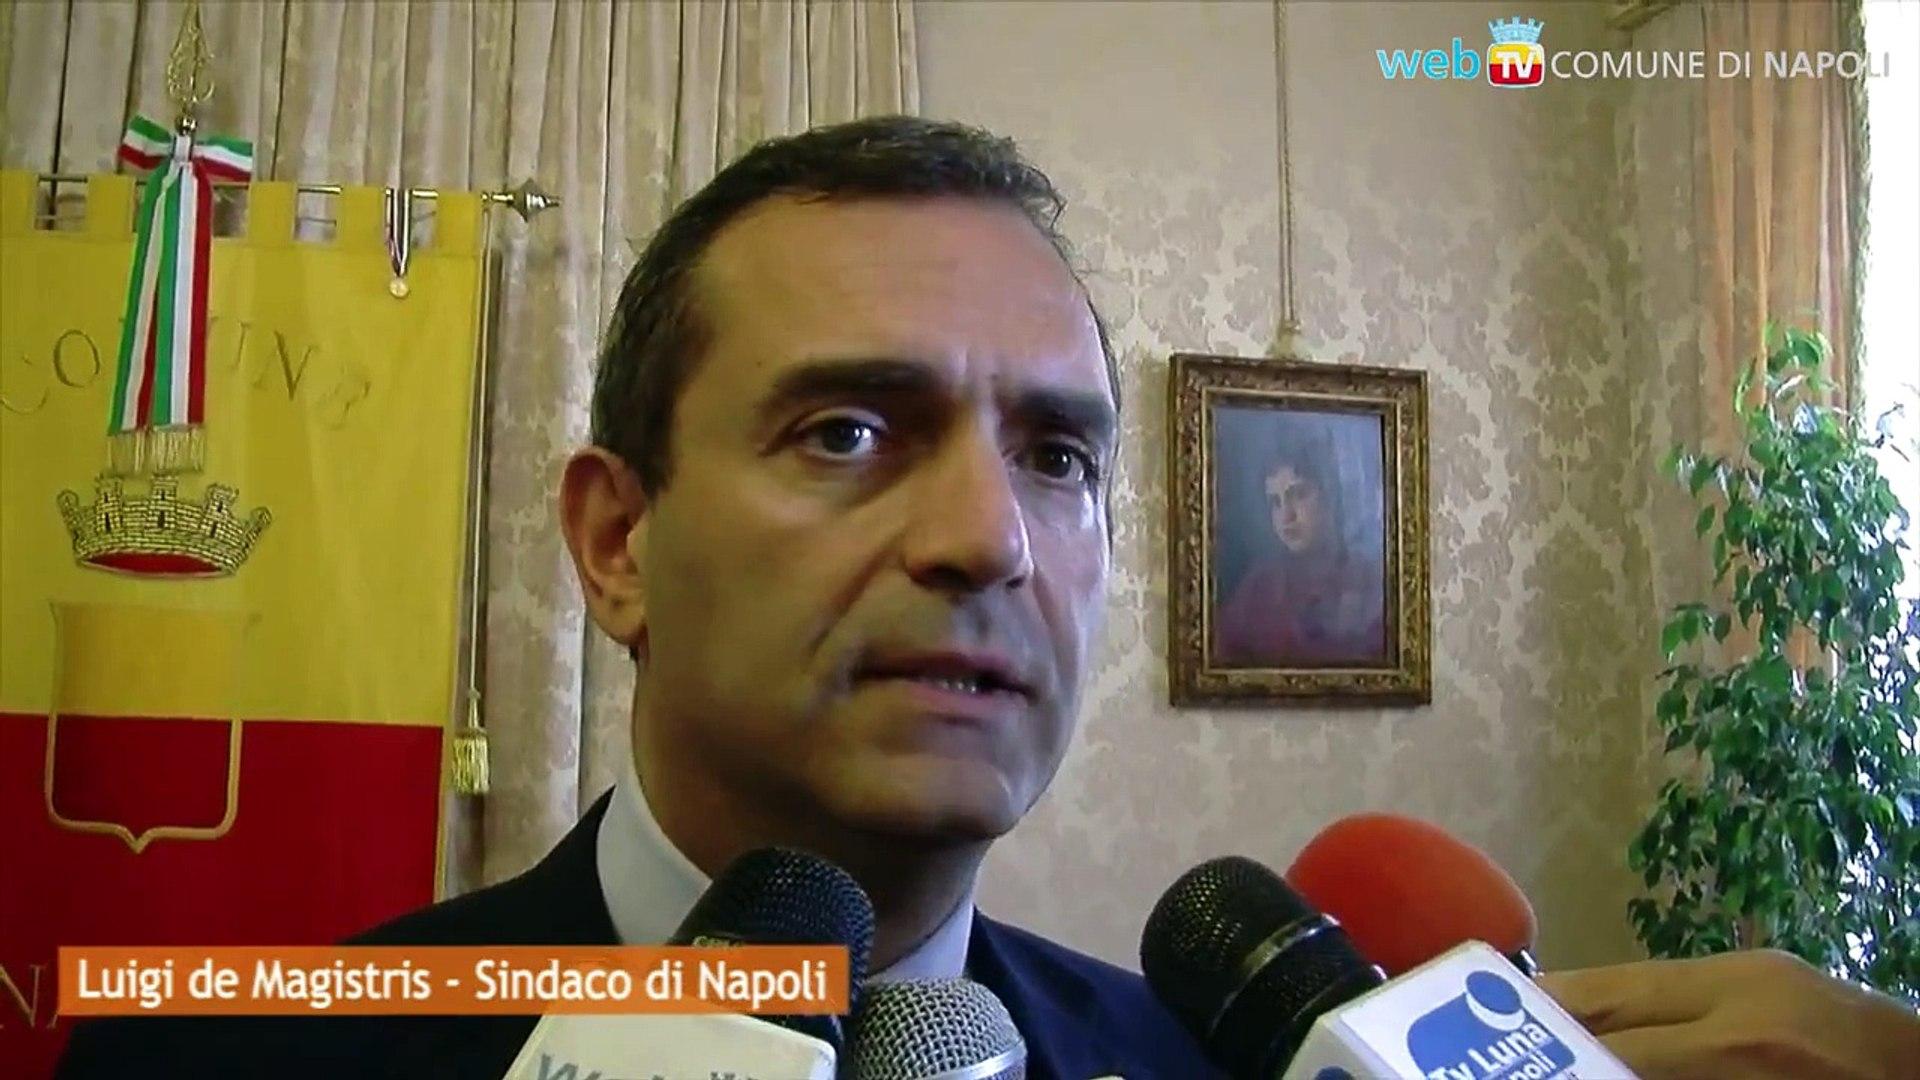 Napoli - Andrés Neumann, il nuovo consulente artistico e strategico per la Cultura (29.07.13)